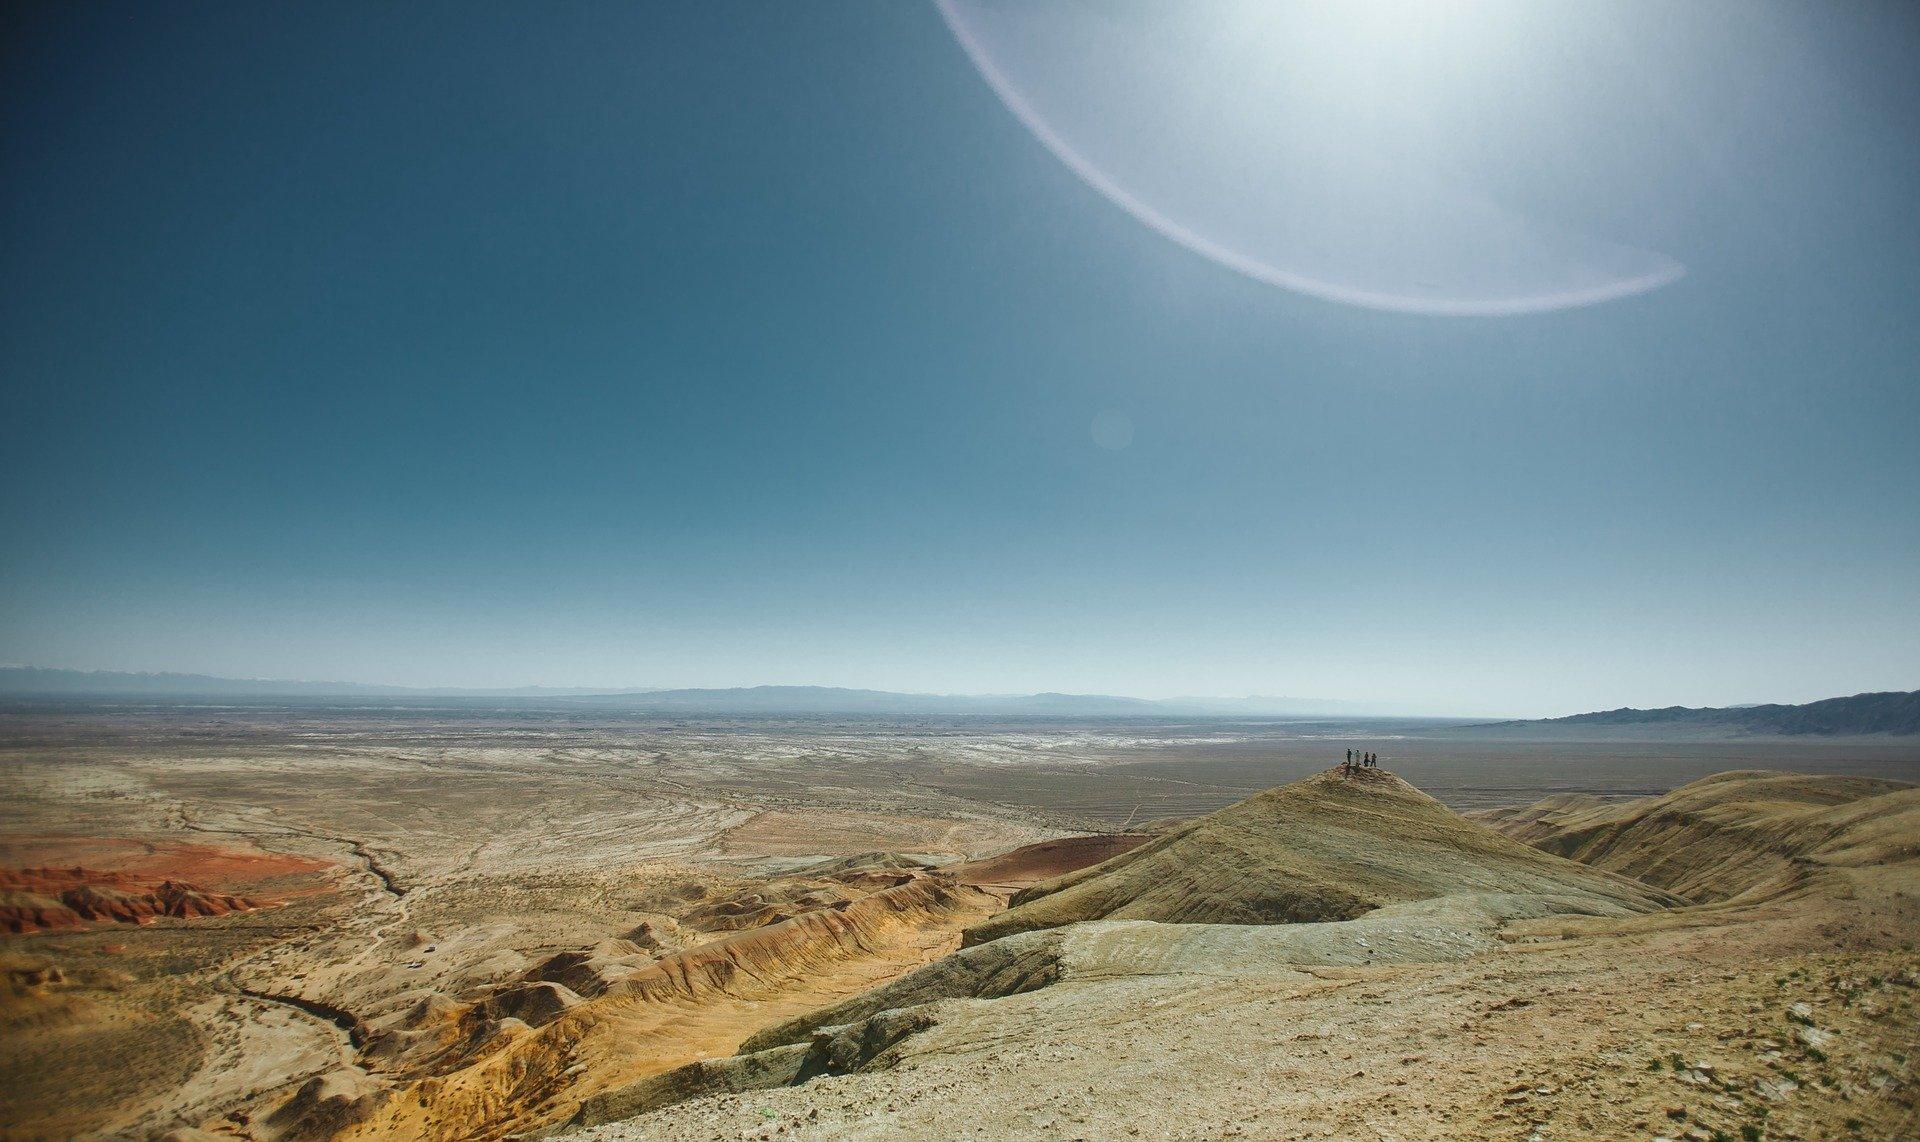 Putovanje Kazahstan - Putevima neistraženih prostranstava (16)